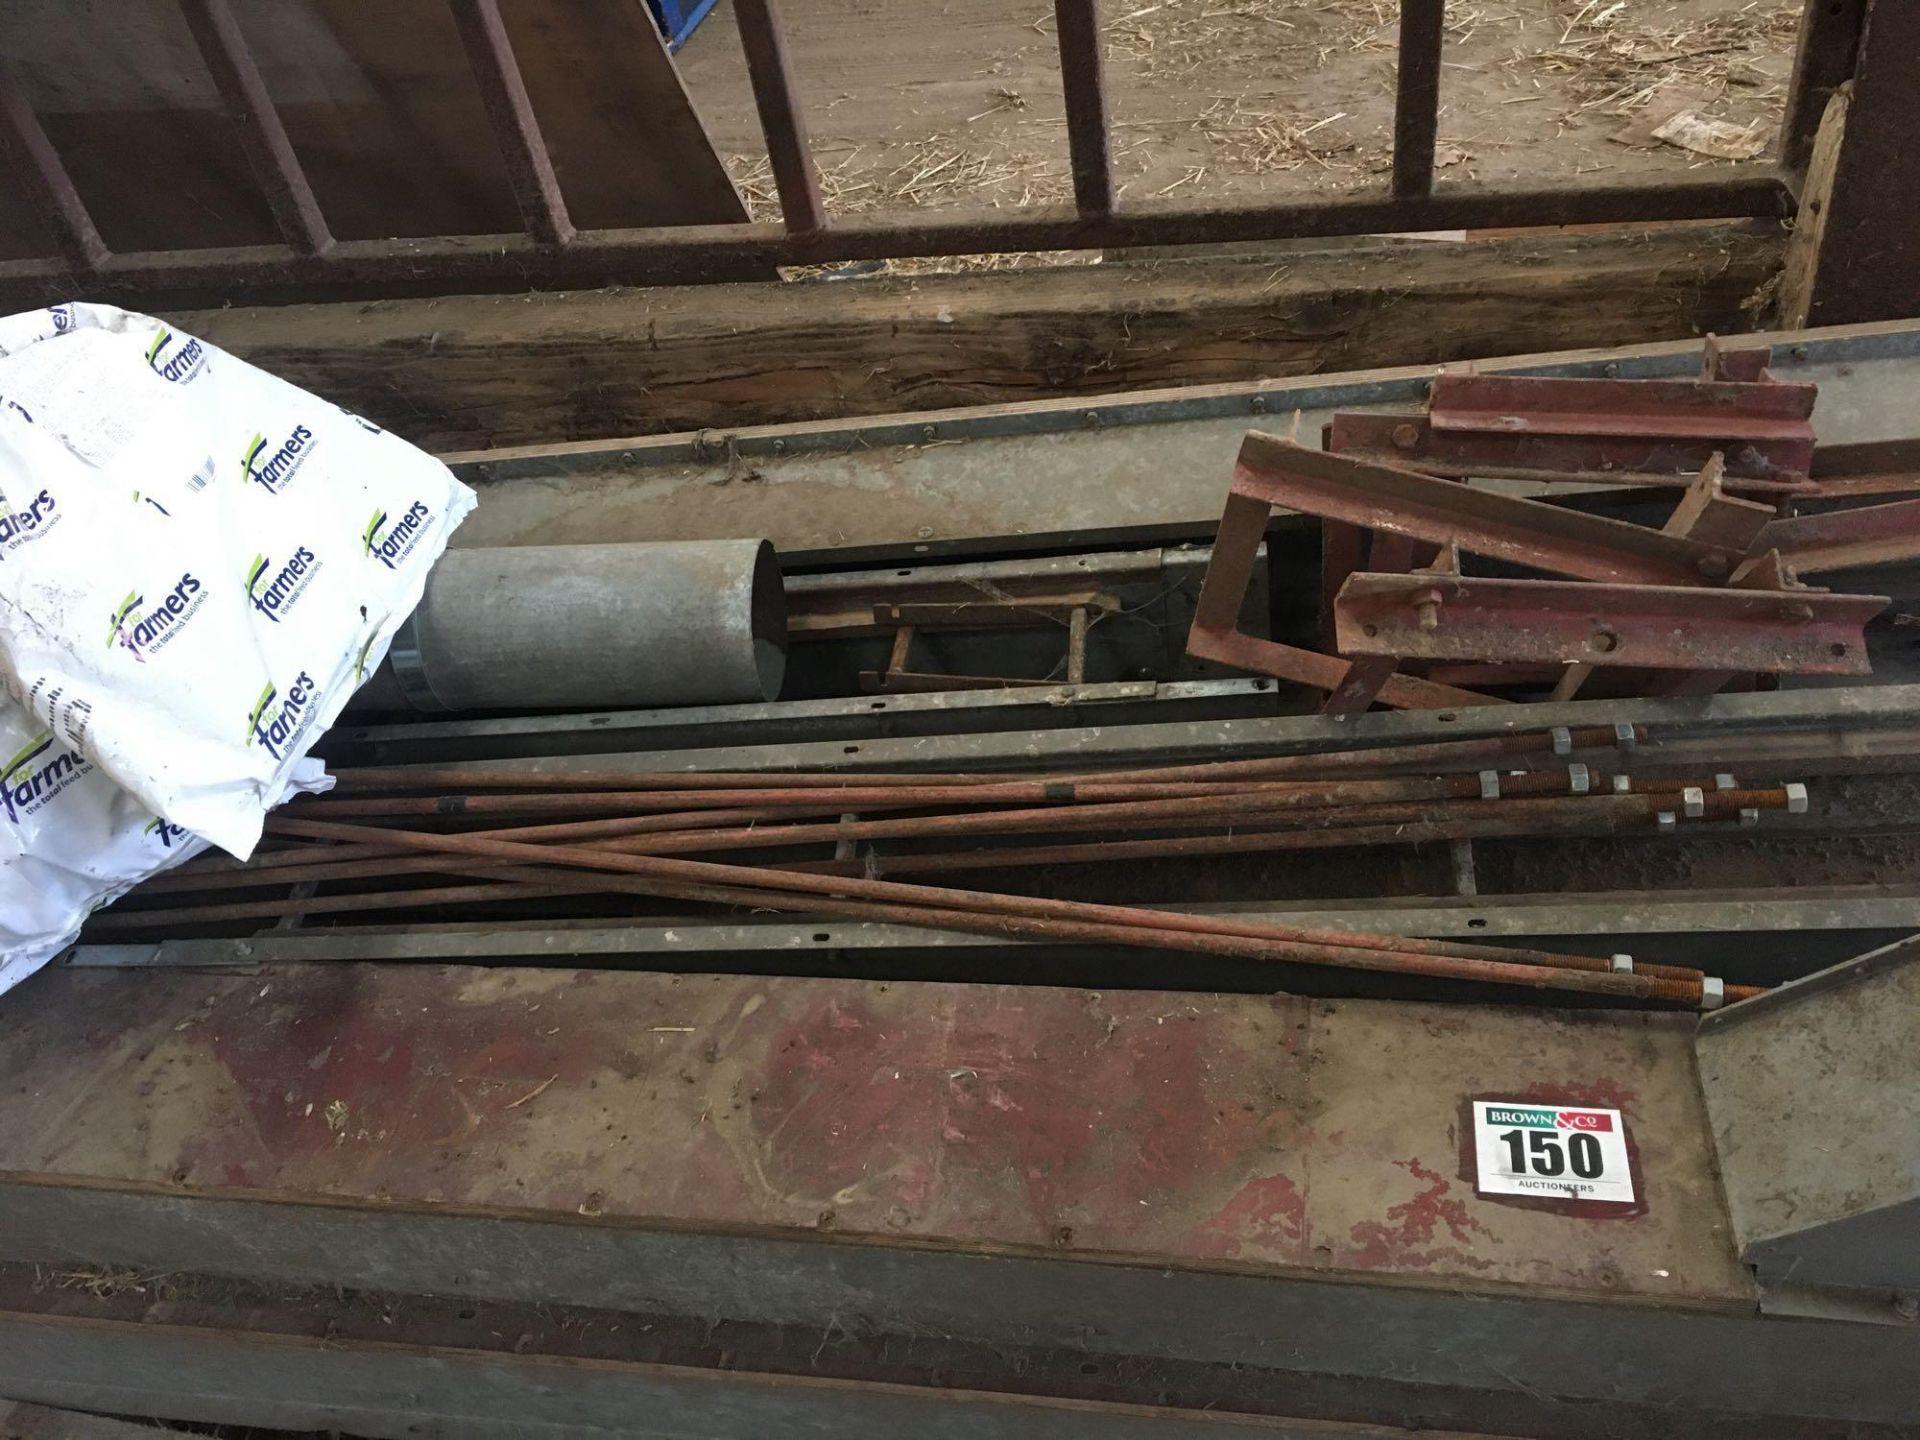 Dismantled elevator on pallet - Image 2 of 2